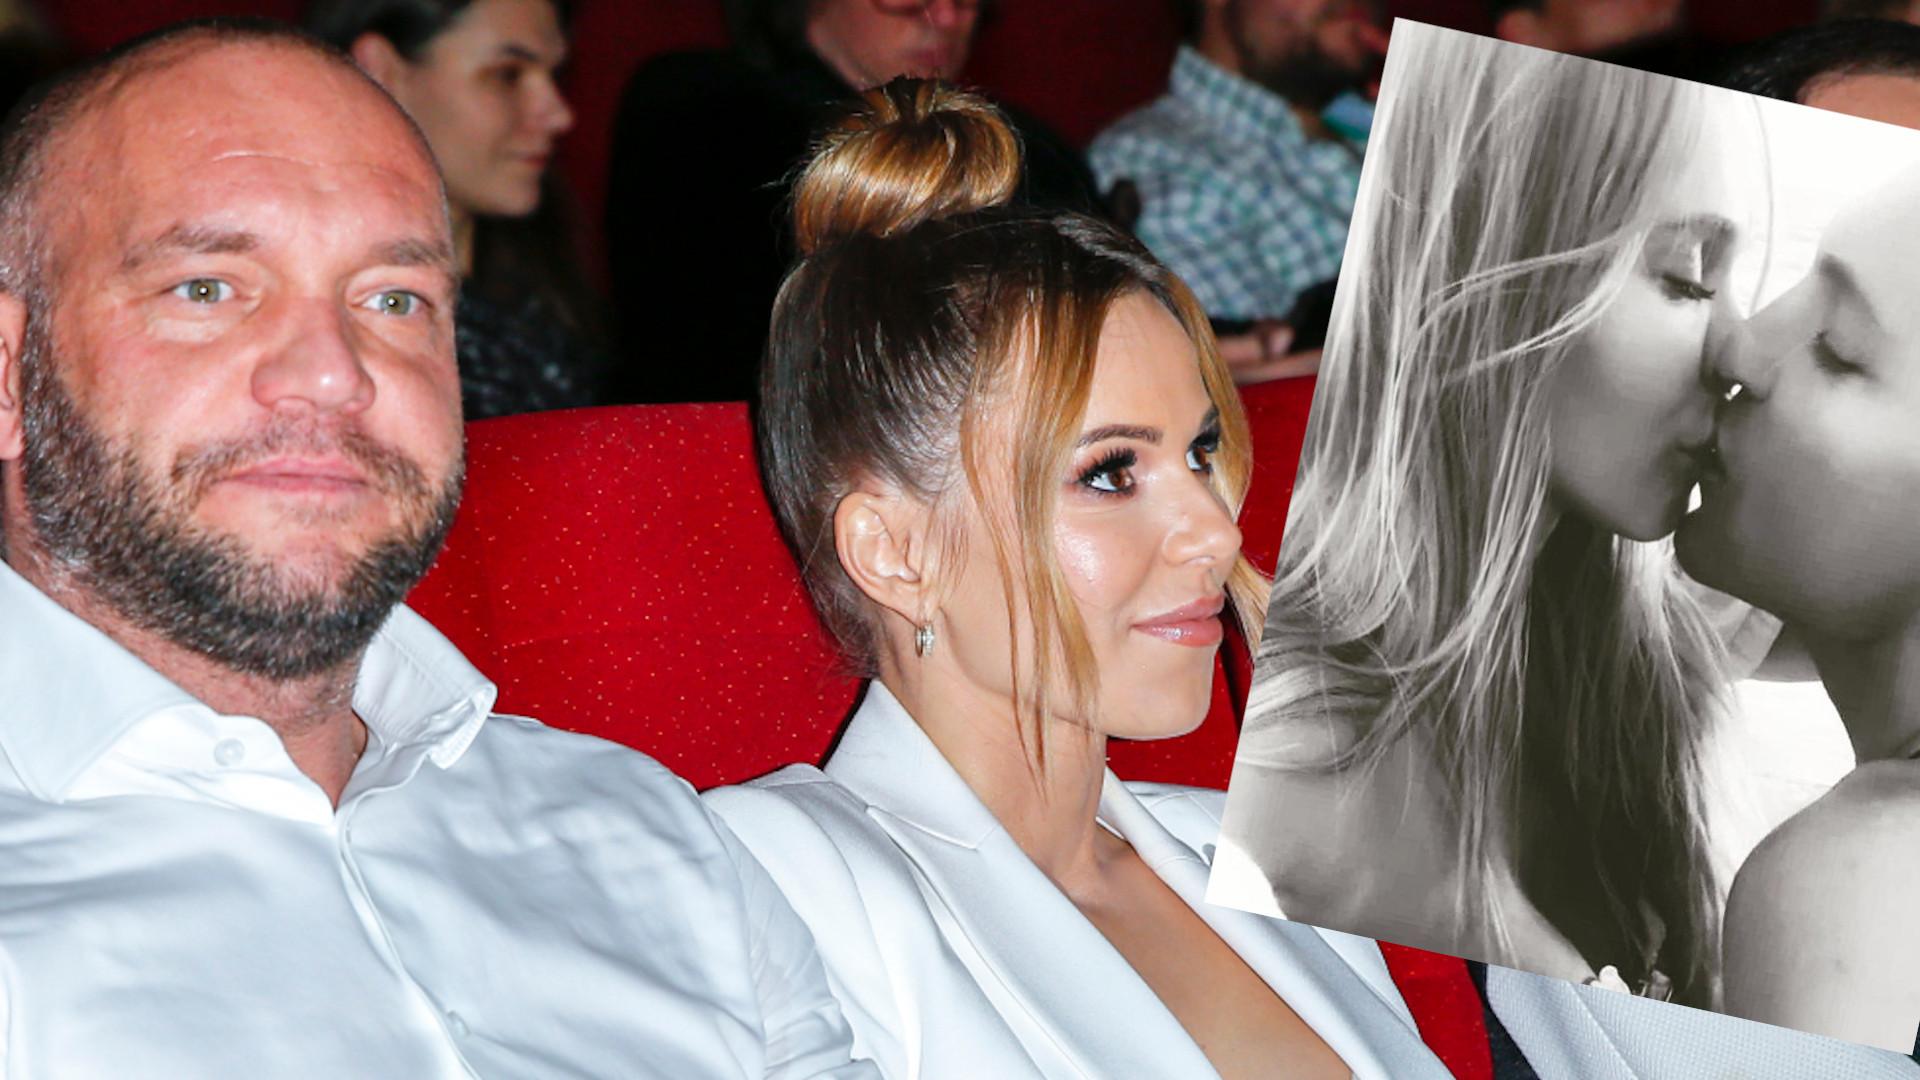 Emil Stępień zabrał głos po aferze z Dodą i amerykańskim aktorem